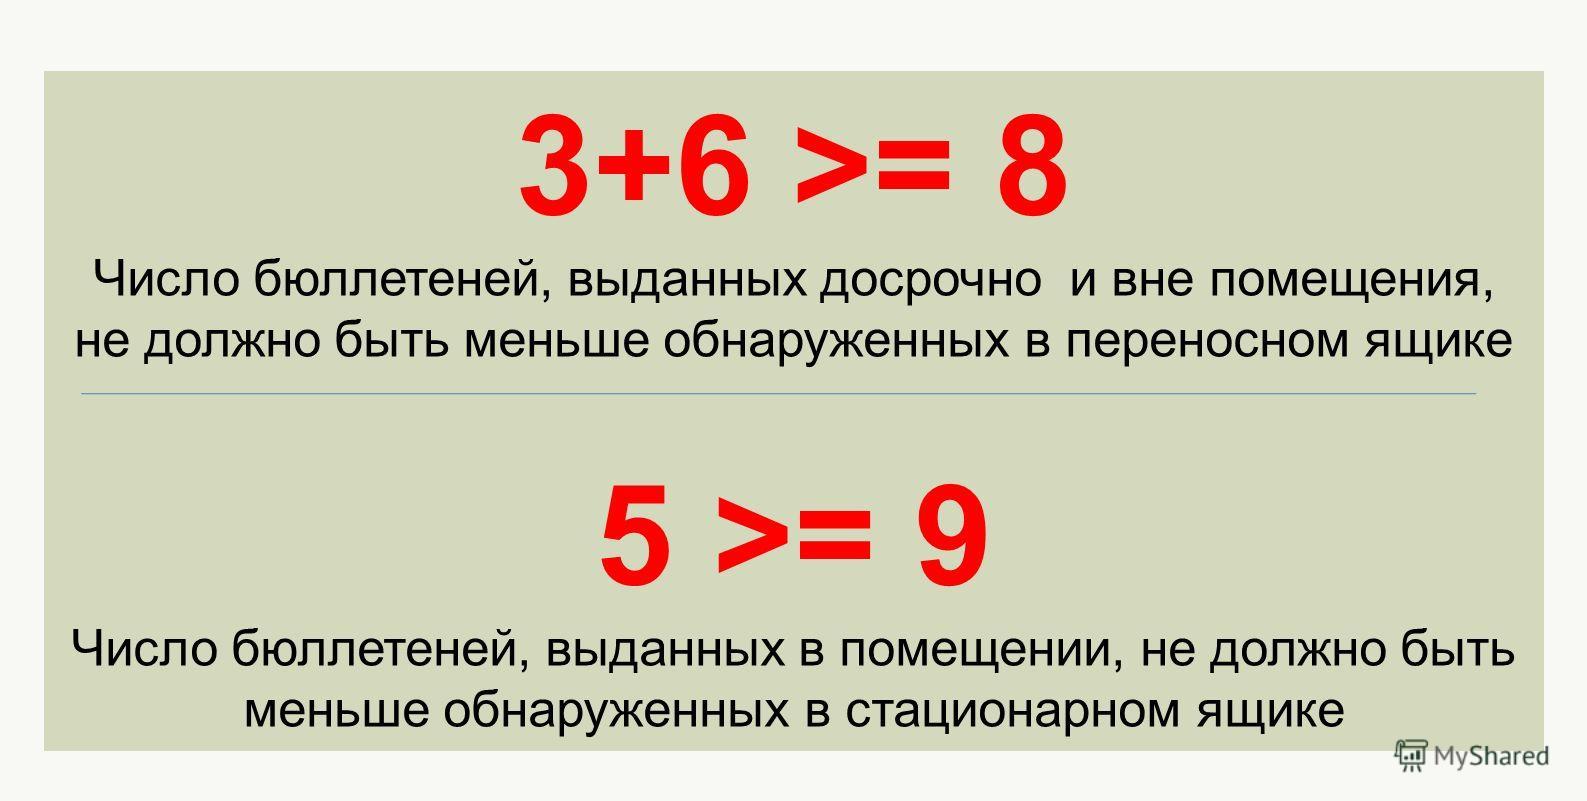 3+6 >= 8 Число бюллетеней, выданных досрочно и вне помещения, не должно быть меньше обнаруженных в переносном ящике 5 >= 9 Число бюллетеней, выданных в помещении, не должно быть меньше обнаруженных в стационарном ящике